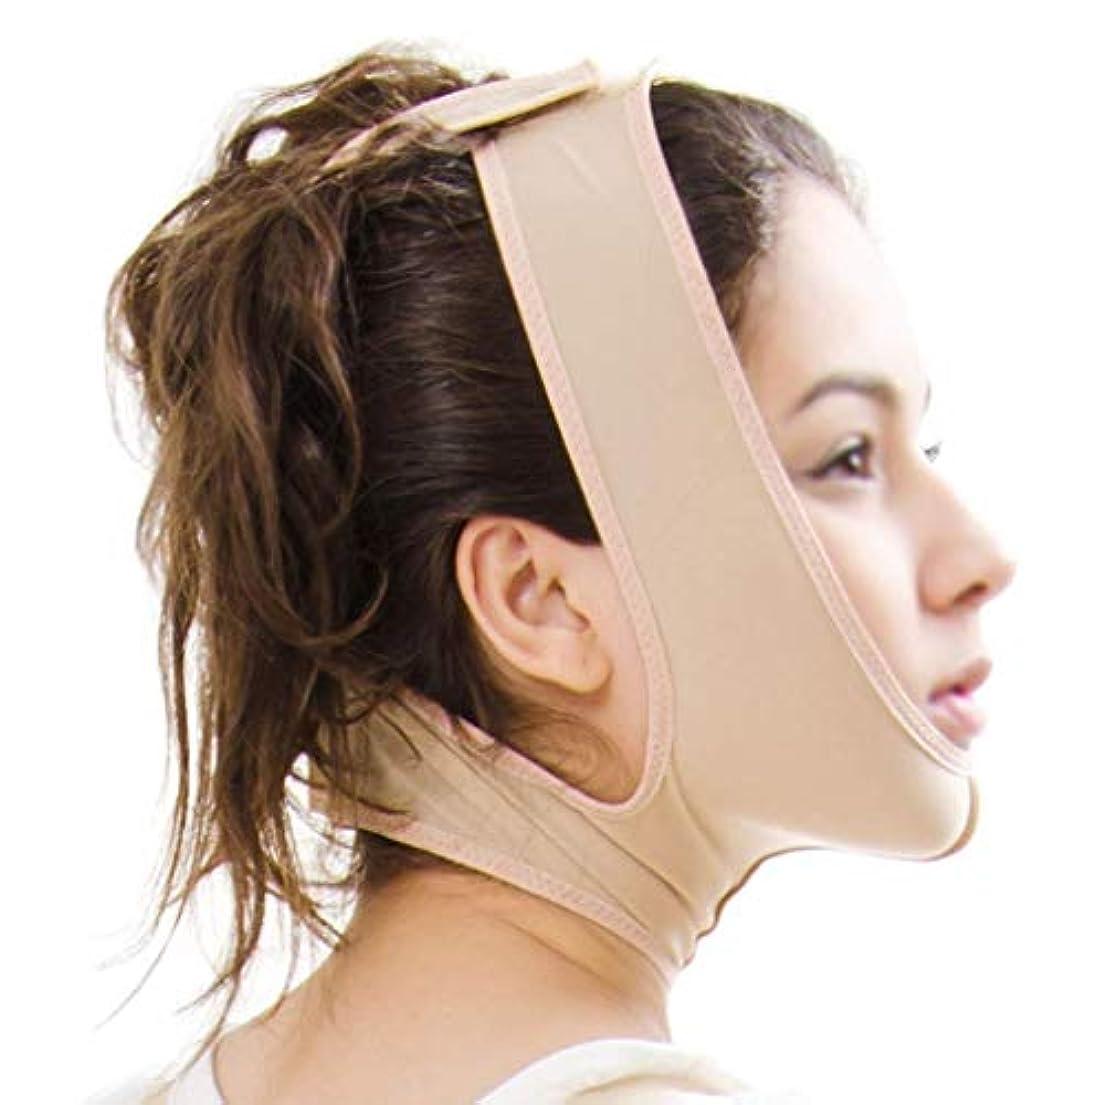 侵入する複雑なニュージーランド顔のリフティング包帯、あごの首と首のダブルあごの顔、脂肪吸引術、術後創傷マスク(サイズ:S)